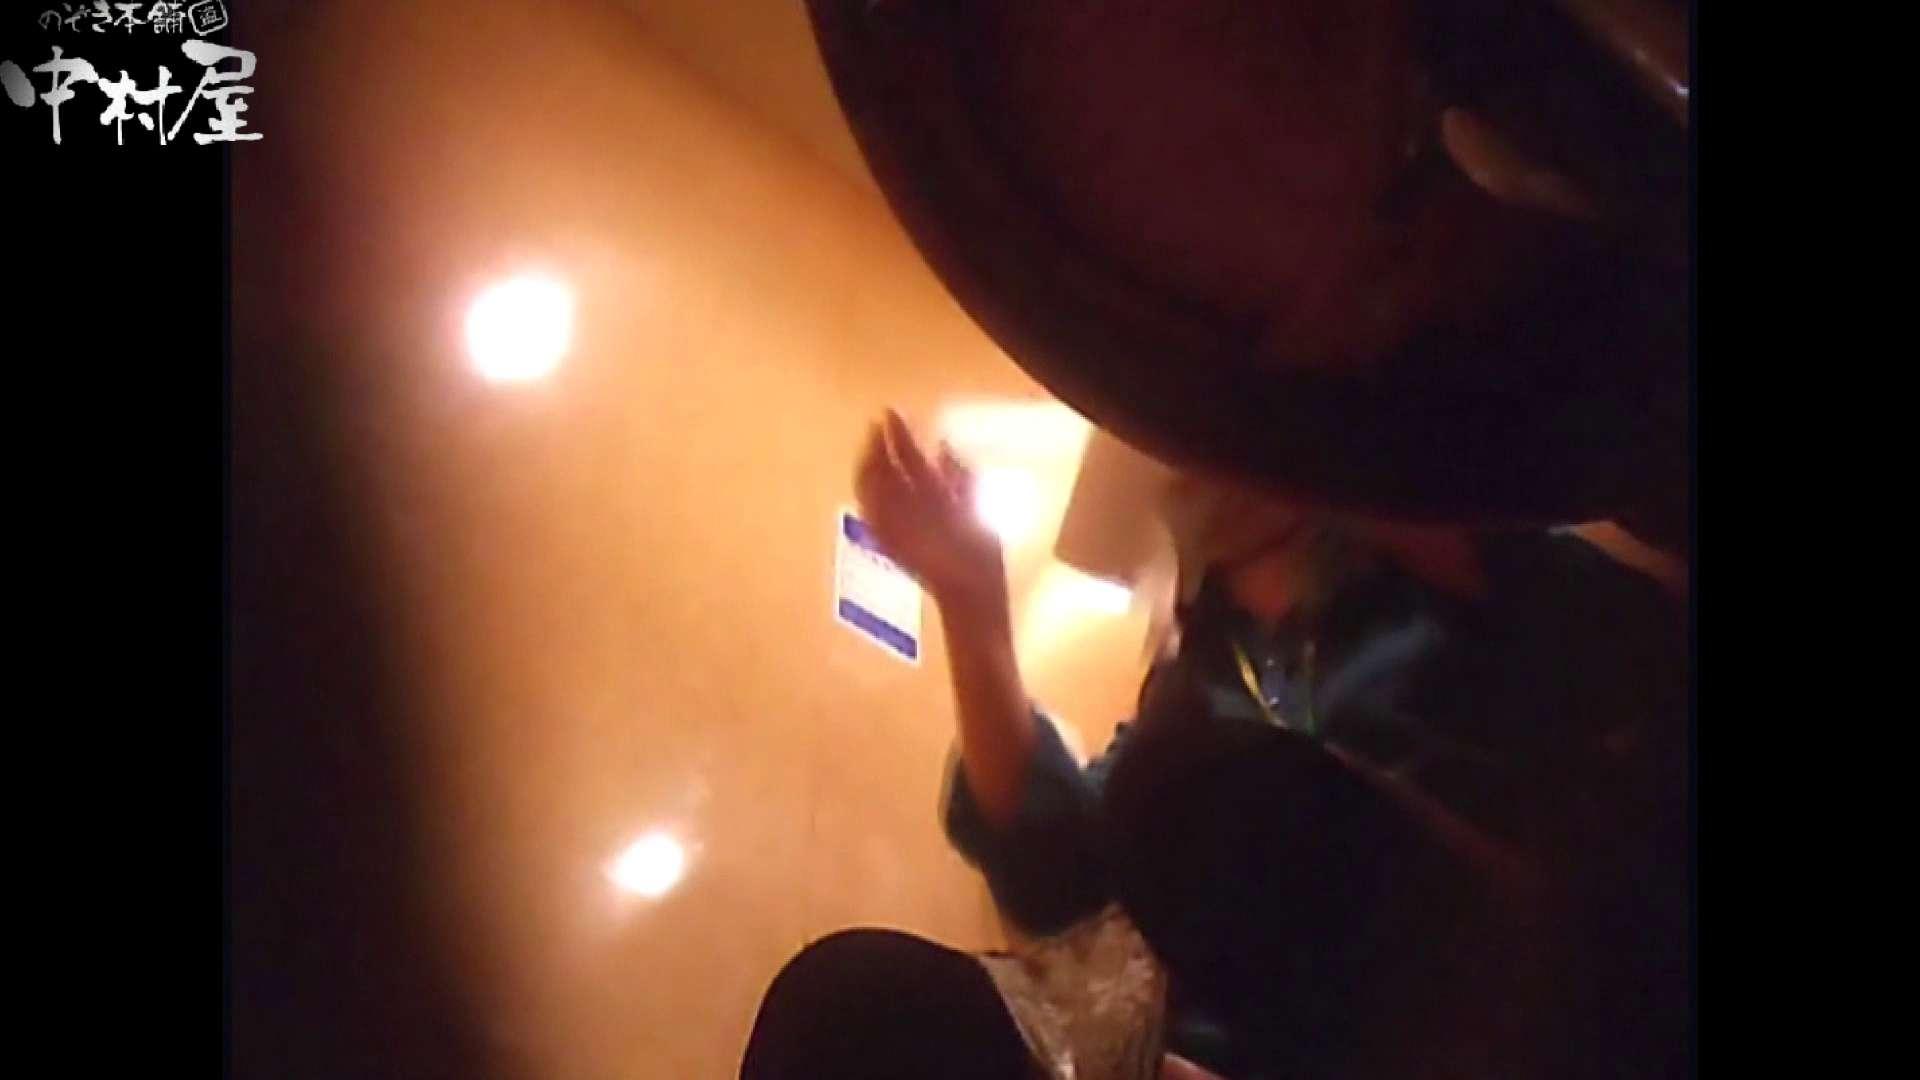 突撃!女子化粧室の真実vol.34 後編 エッチな盗撮 濡れ場動画紹介 111pic 3